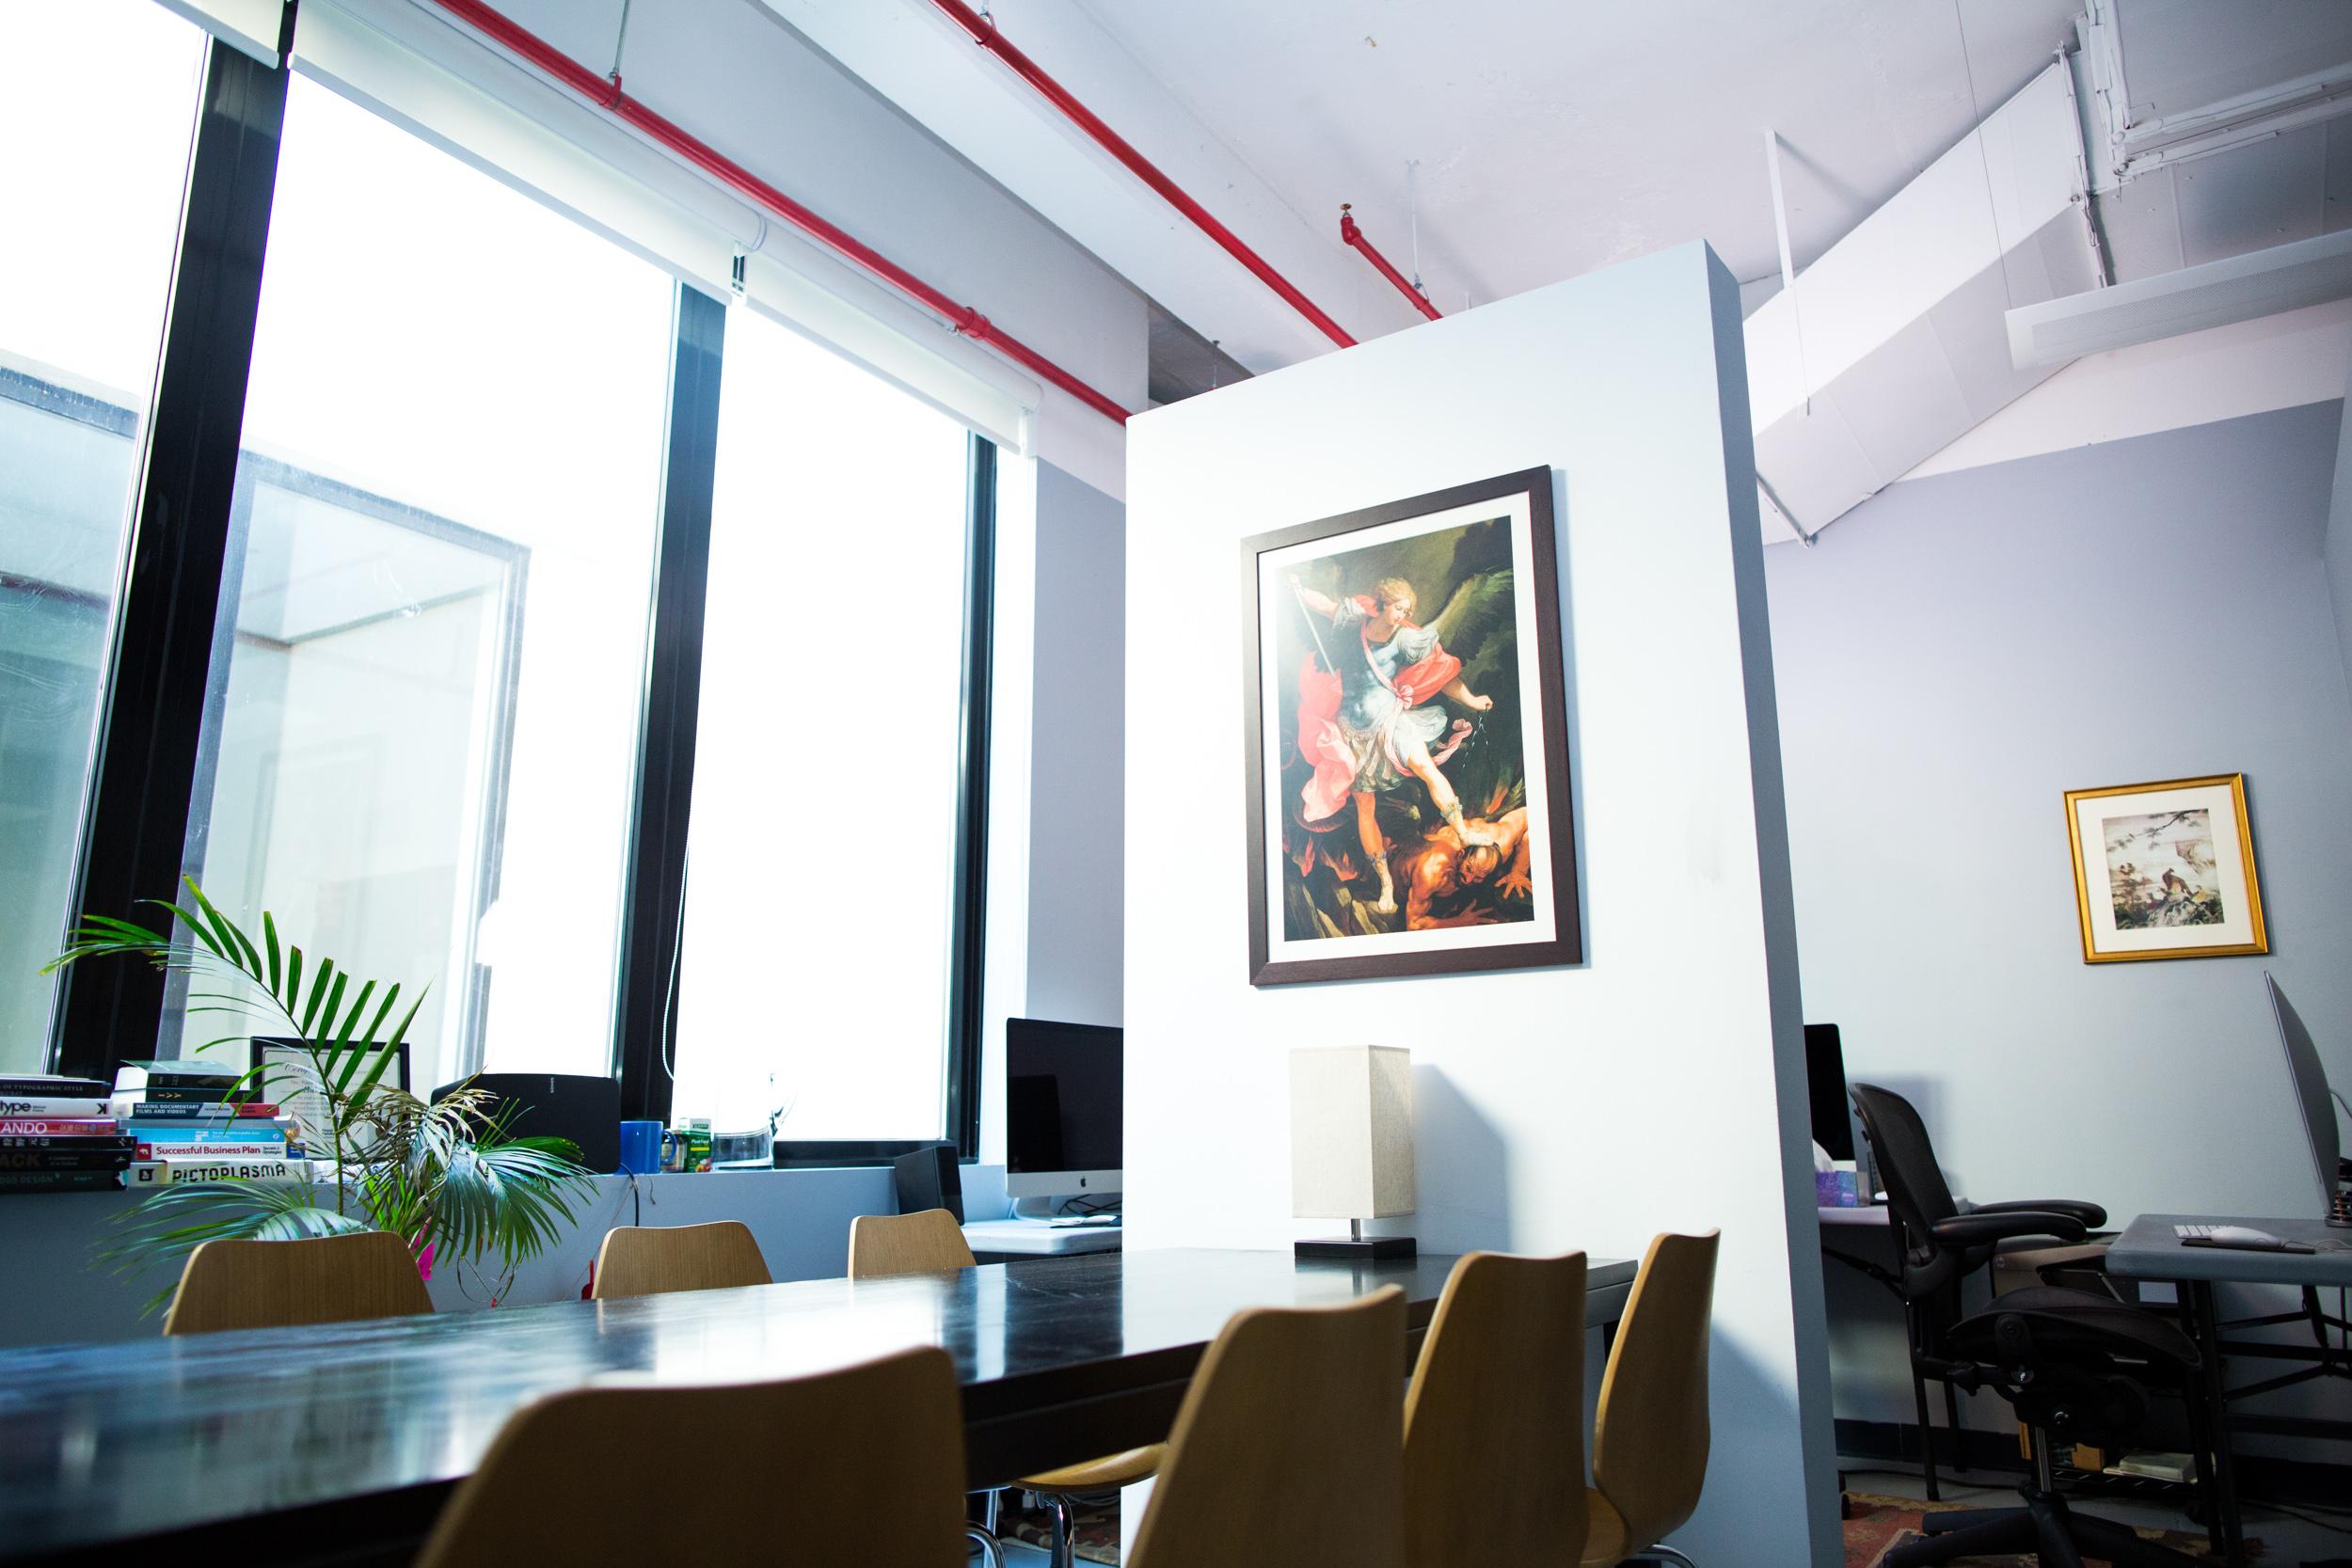 Office Photoshoot 12-28-17-8.jpg